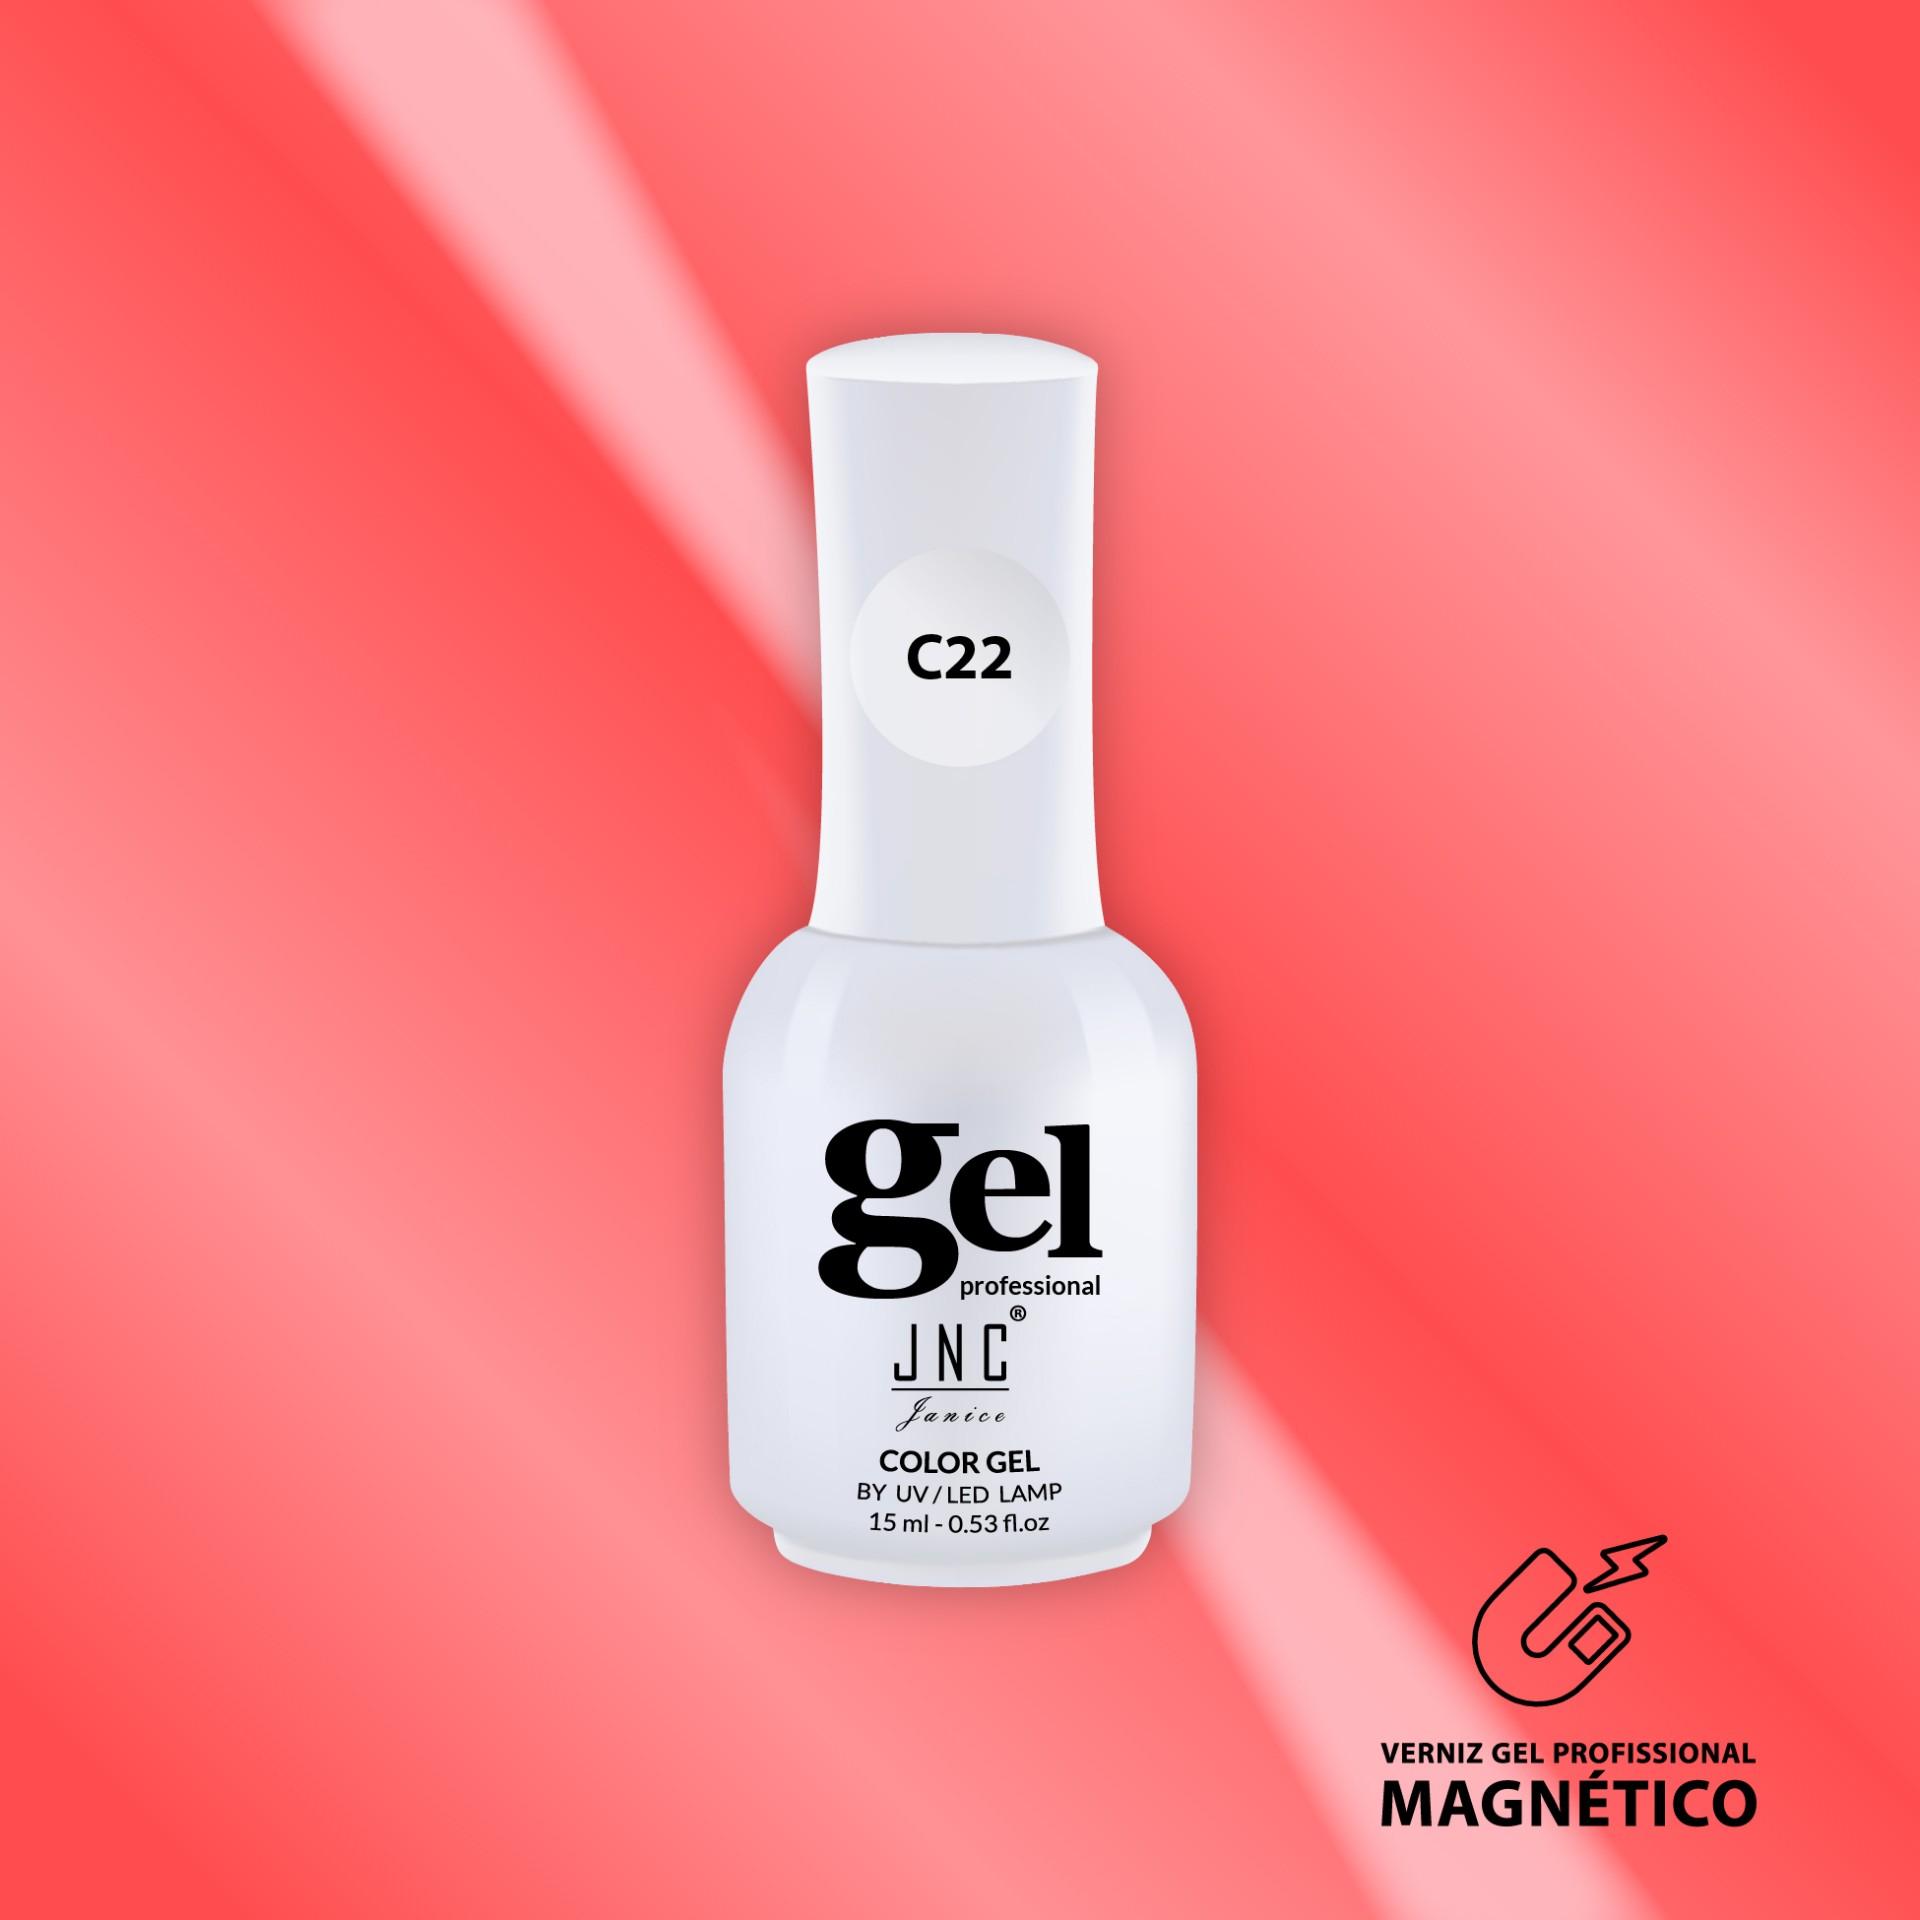 Verniz Gel Cat Eye C22